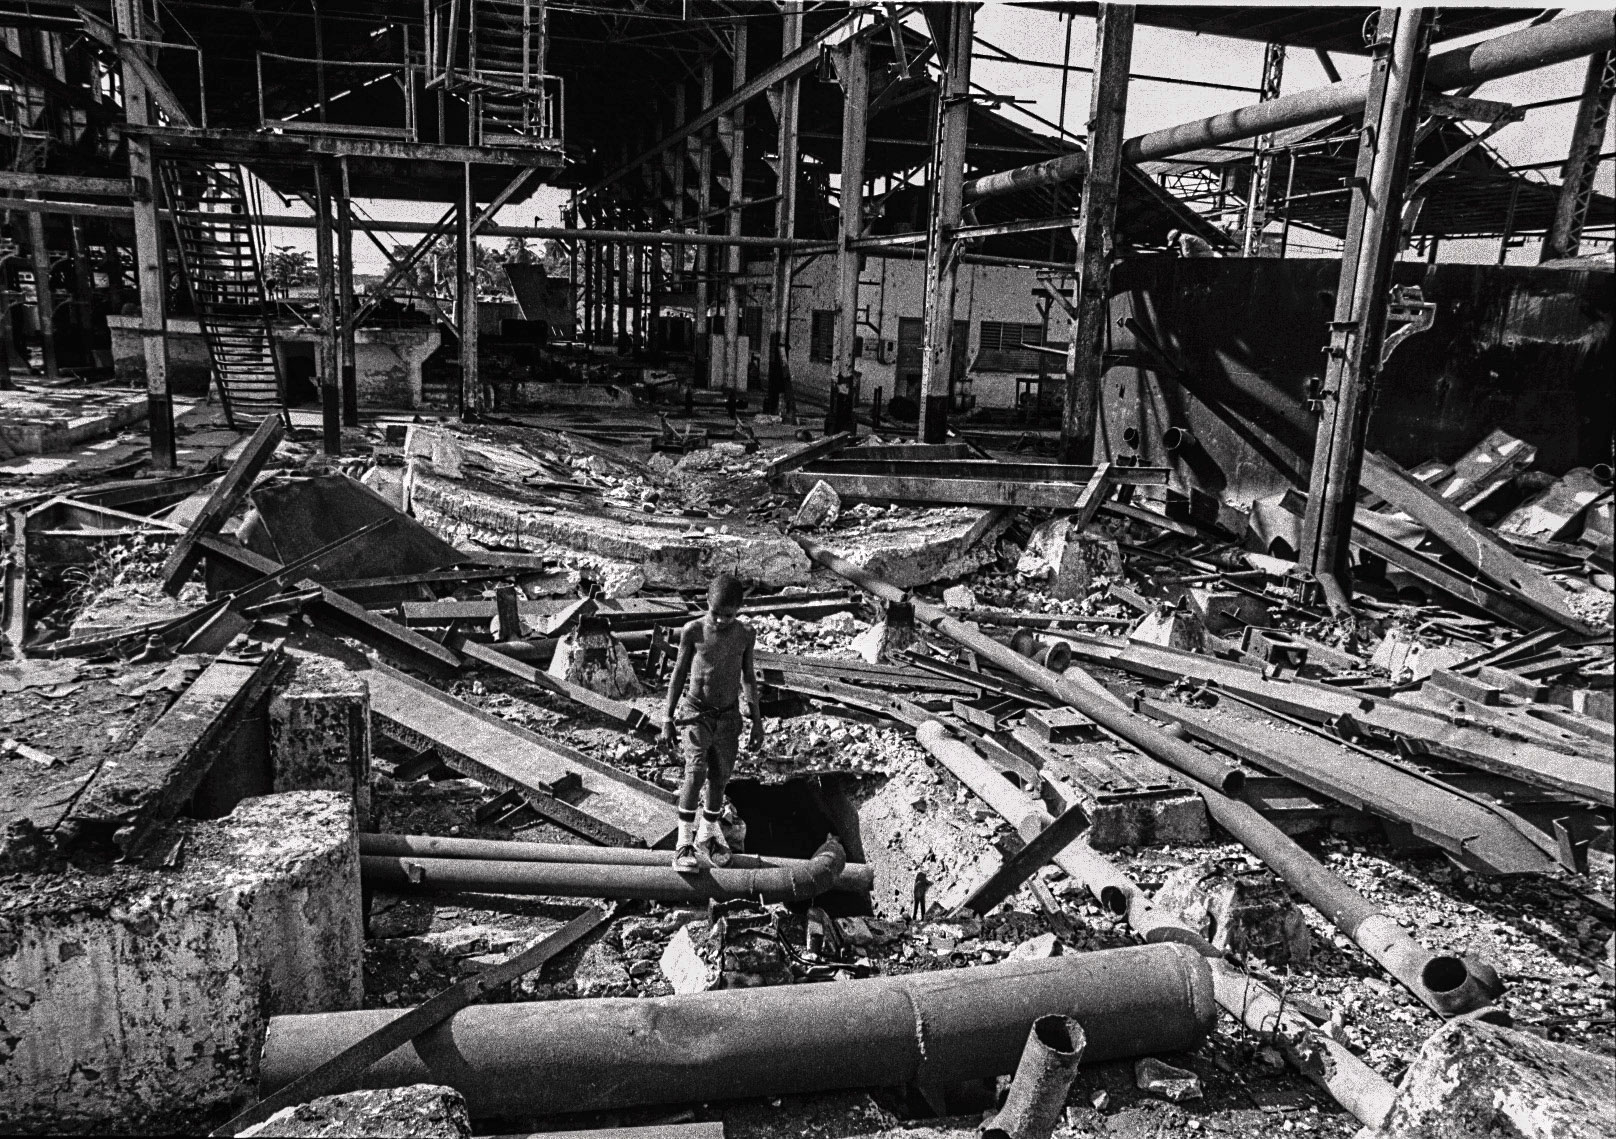 ¿Cuántos obstáculos nuevos tendrán que saltar los niños del batey Paraguay tras el desmantelamiento? (Foto: Alejandro Ramírez Anderson)